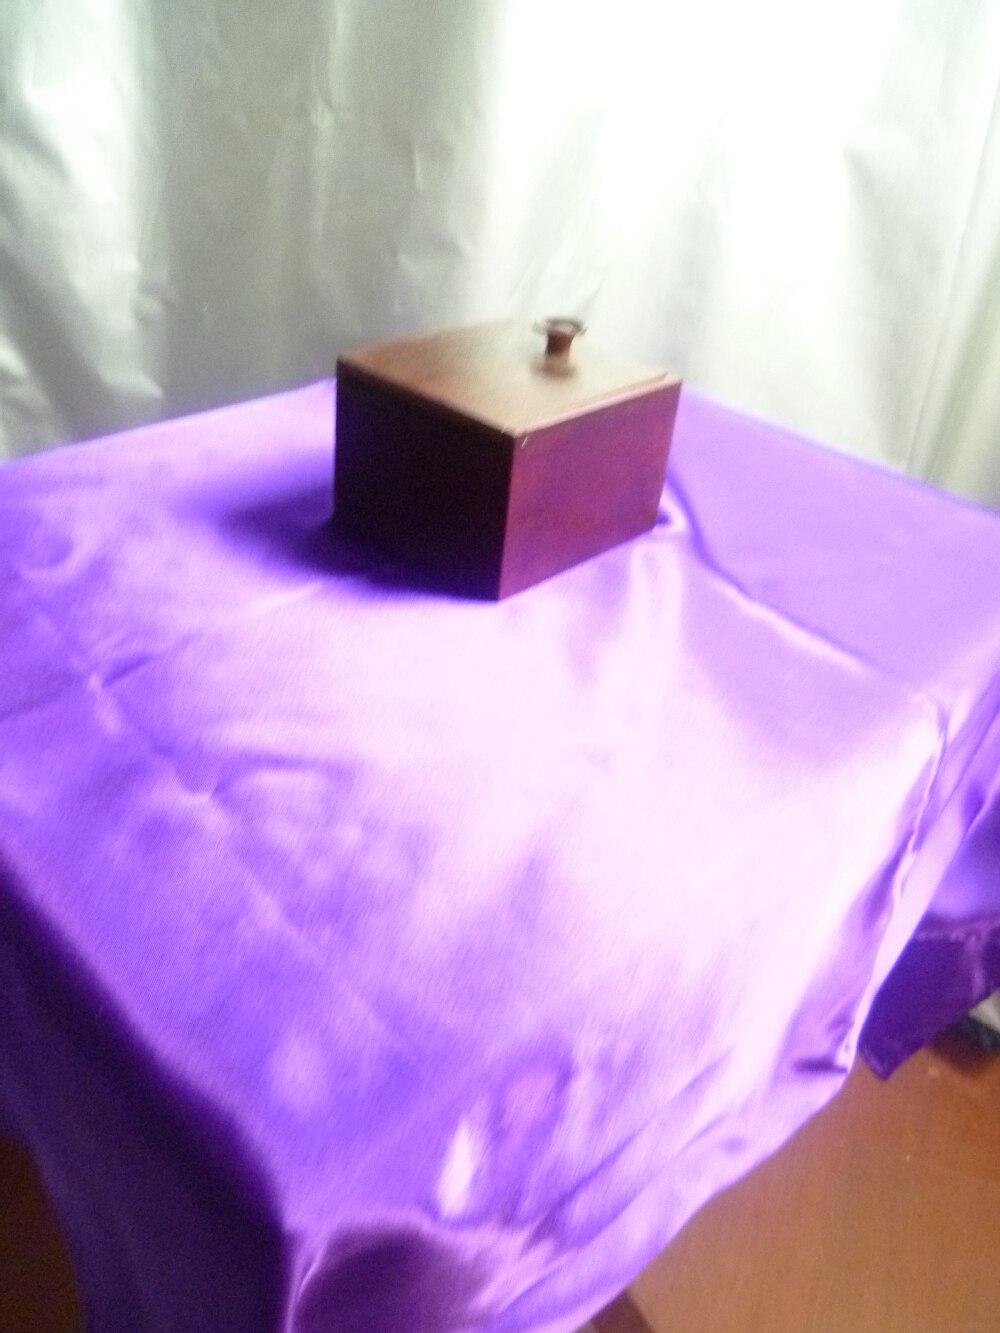 Trinité table flottante losander-magie de scène professionnelle - 2